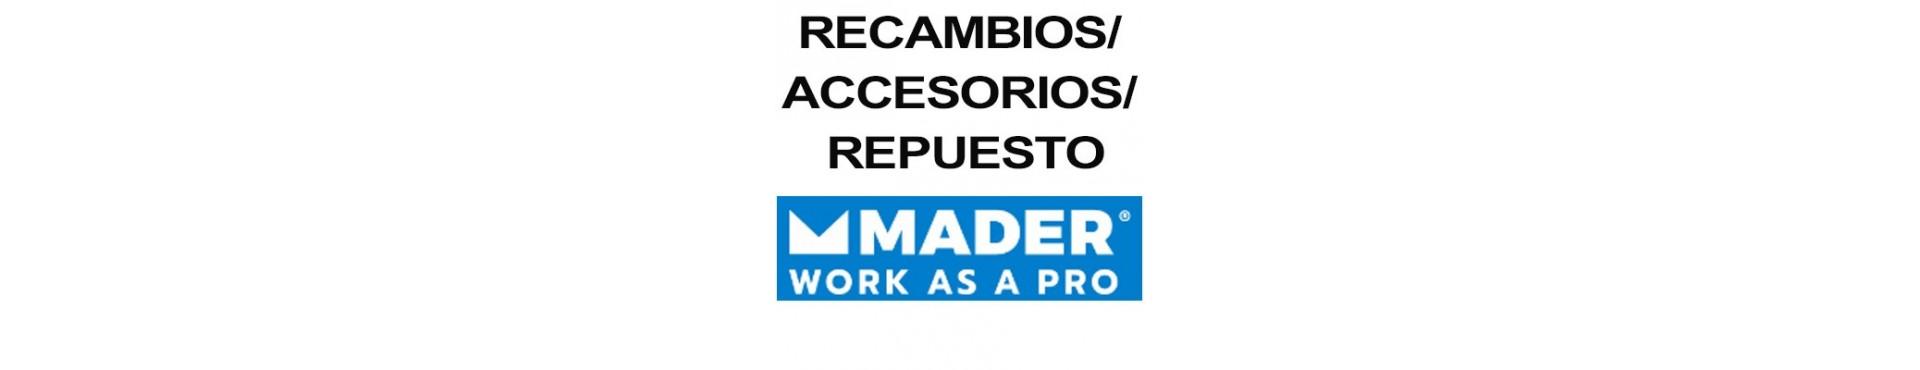 ACESORIOS-RECAMBIOS-REPUESTOS MADER